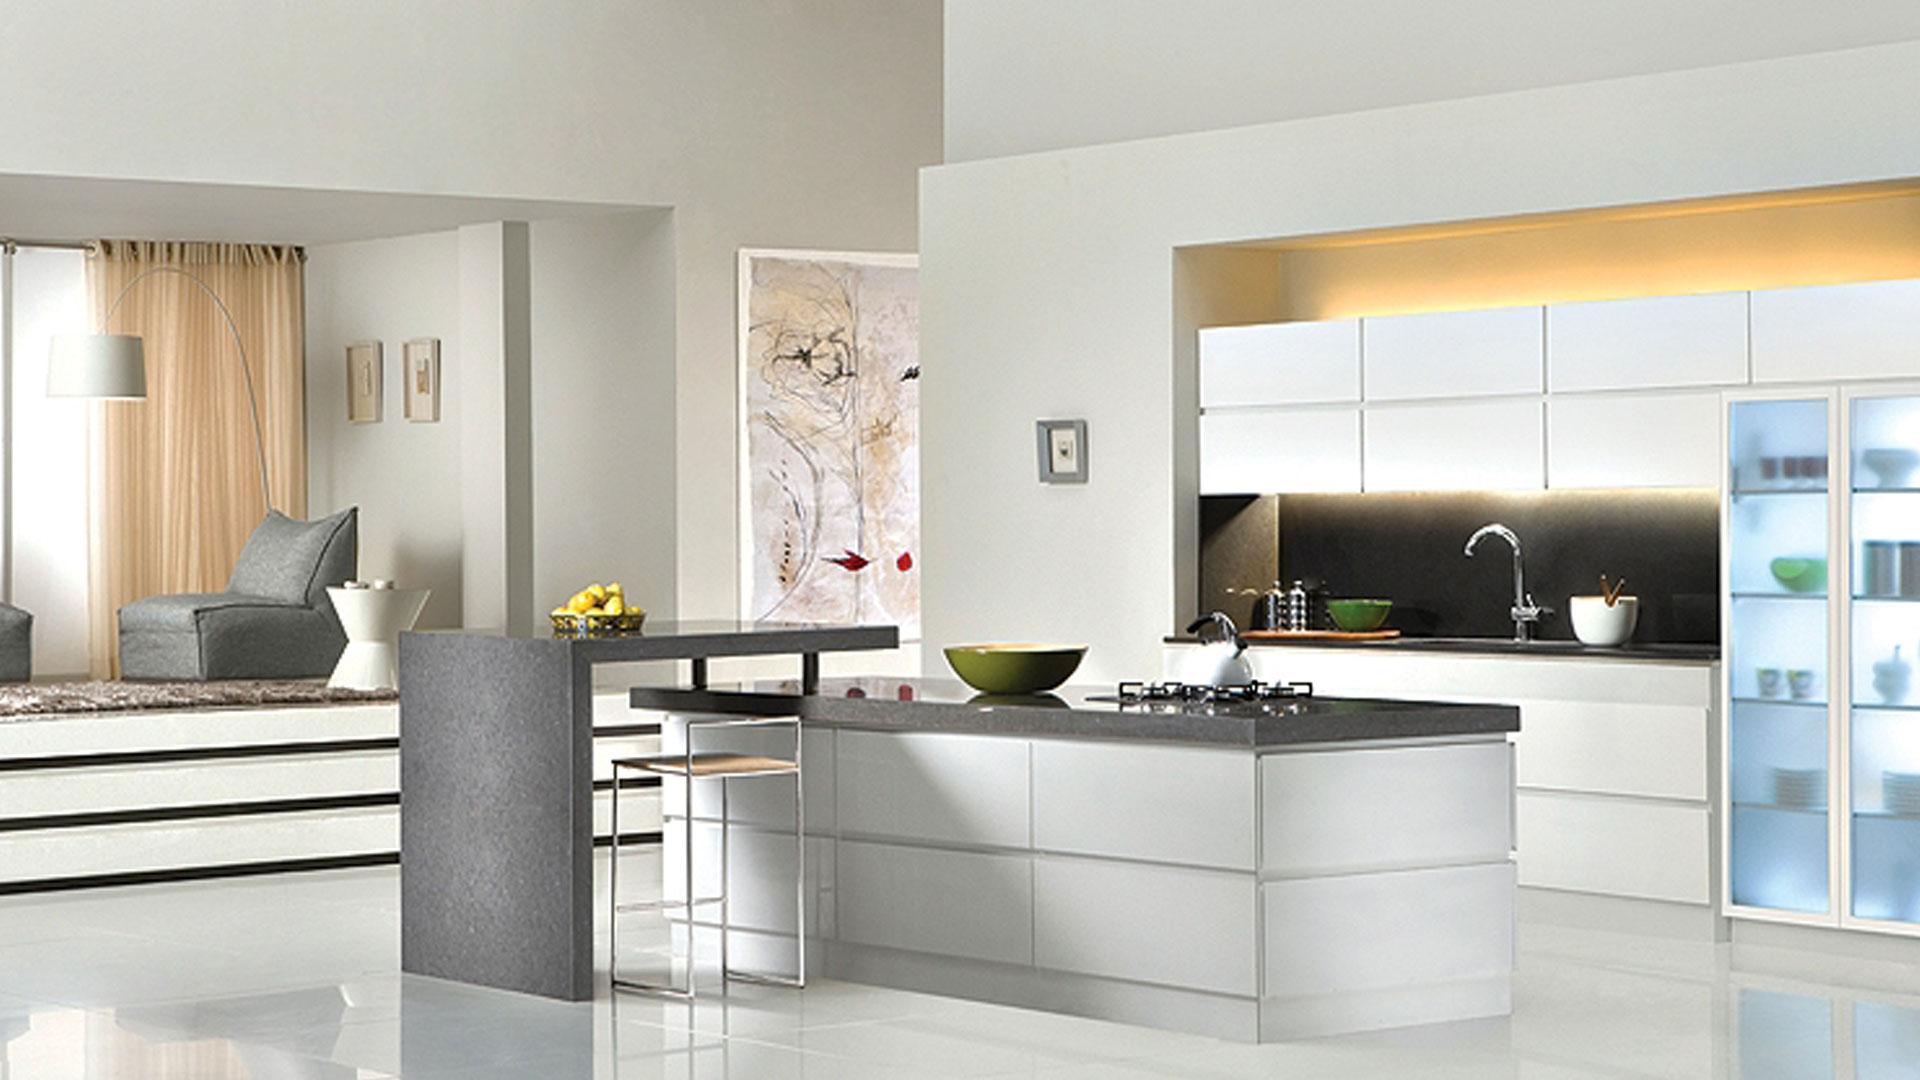 Kitchen Design Trends My Decorative